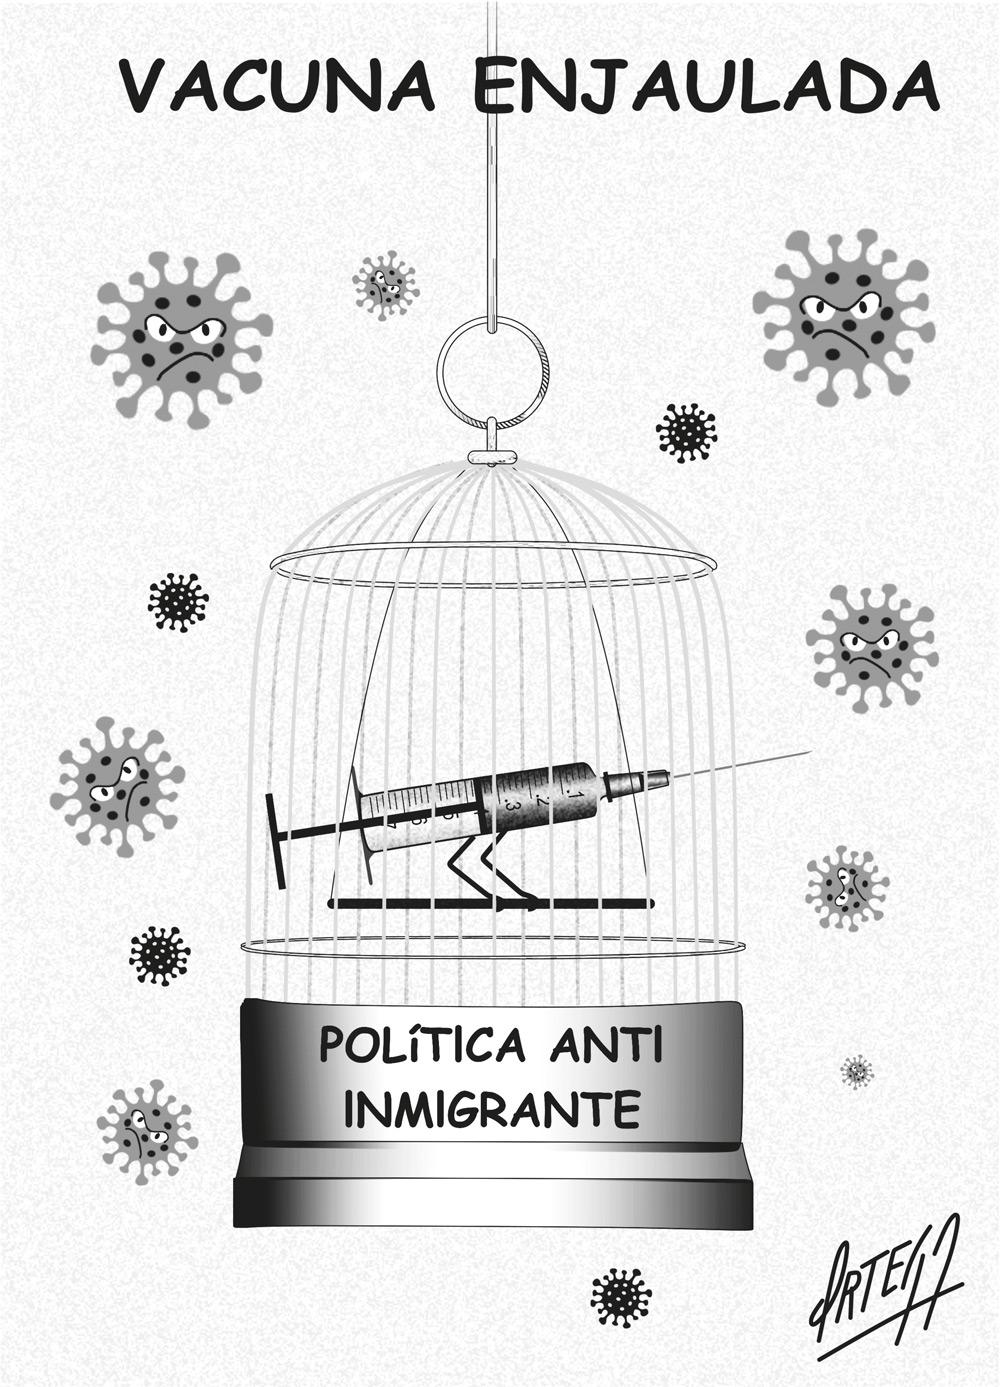 ¡Señor Trump, diga gracias a los inmigrantes!